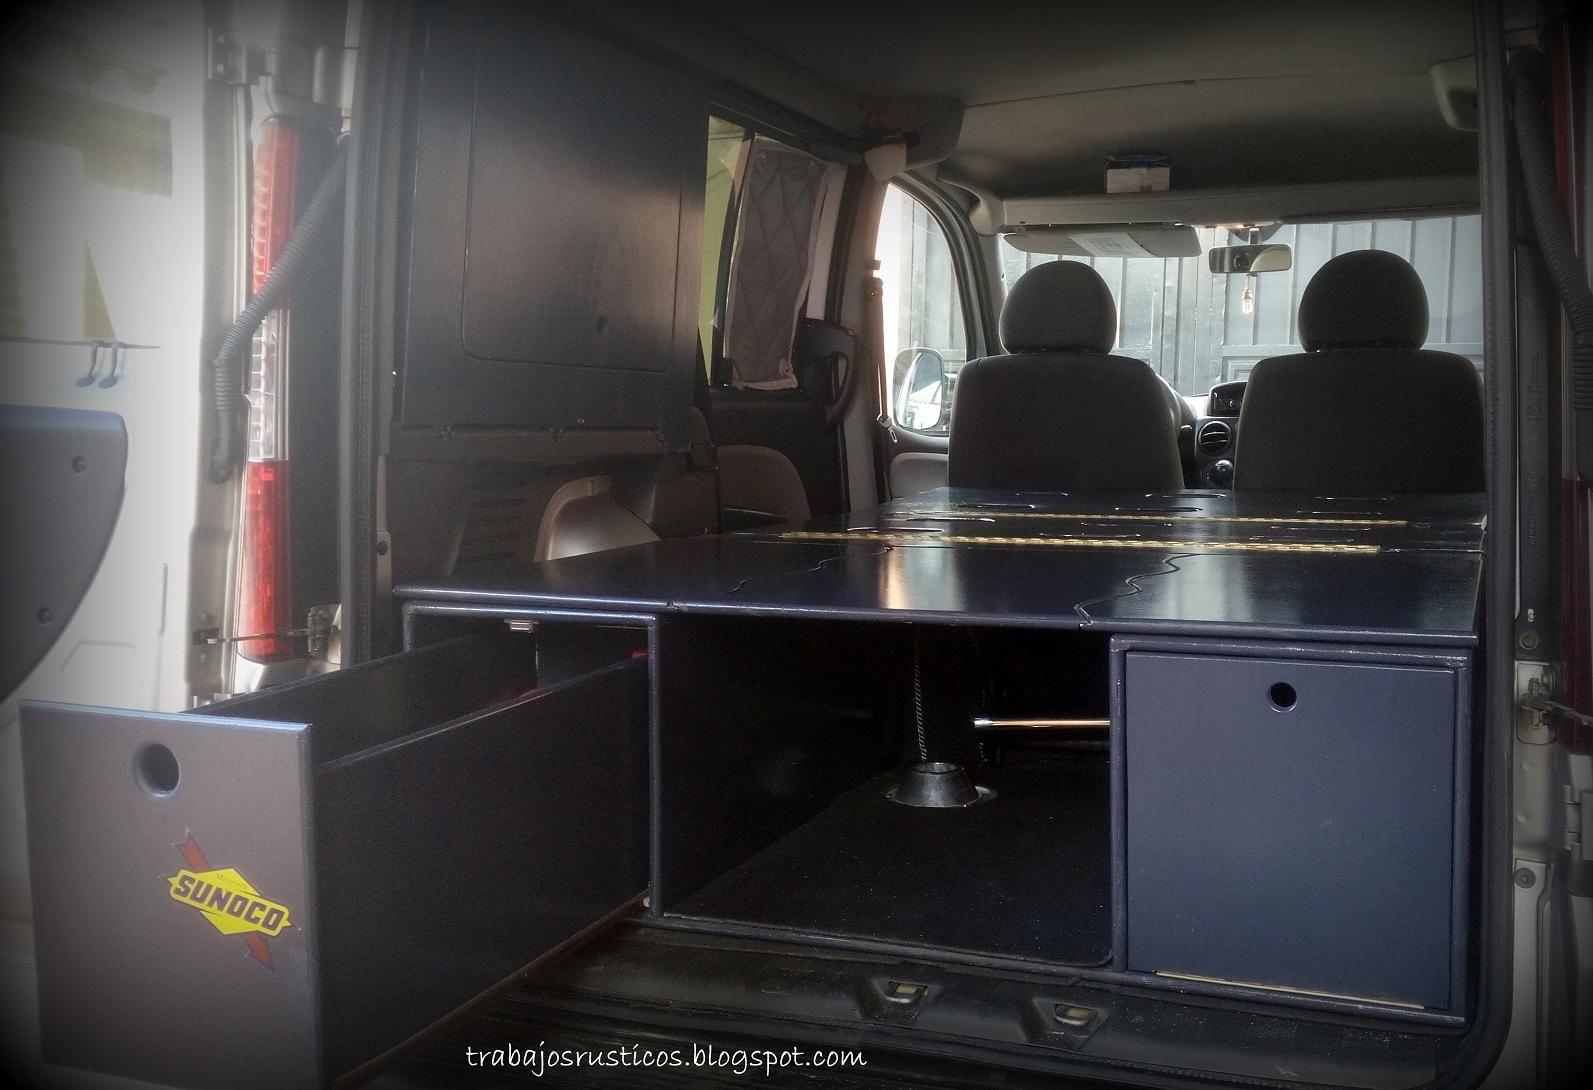 Artesan a madera muebles de madera r sticos camperizaciones camper furgonetas camperizar - Muebles el mogollon ...